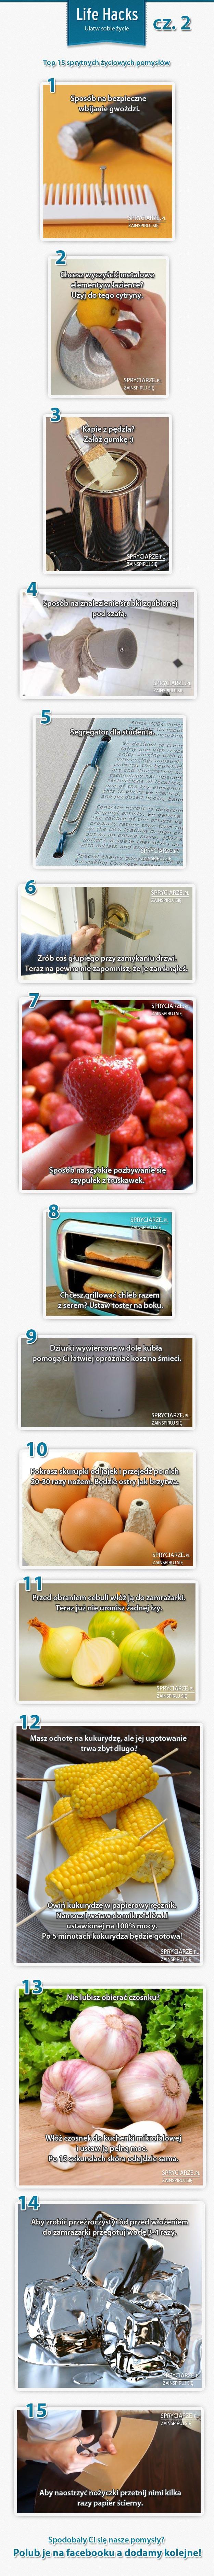 Top 15 życiowych pomysłów